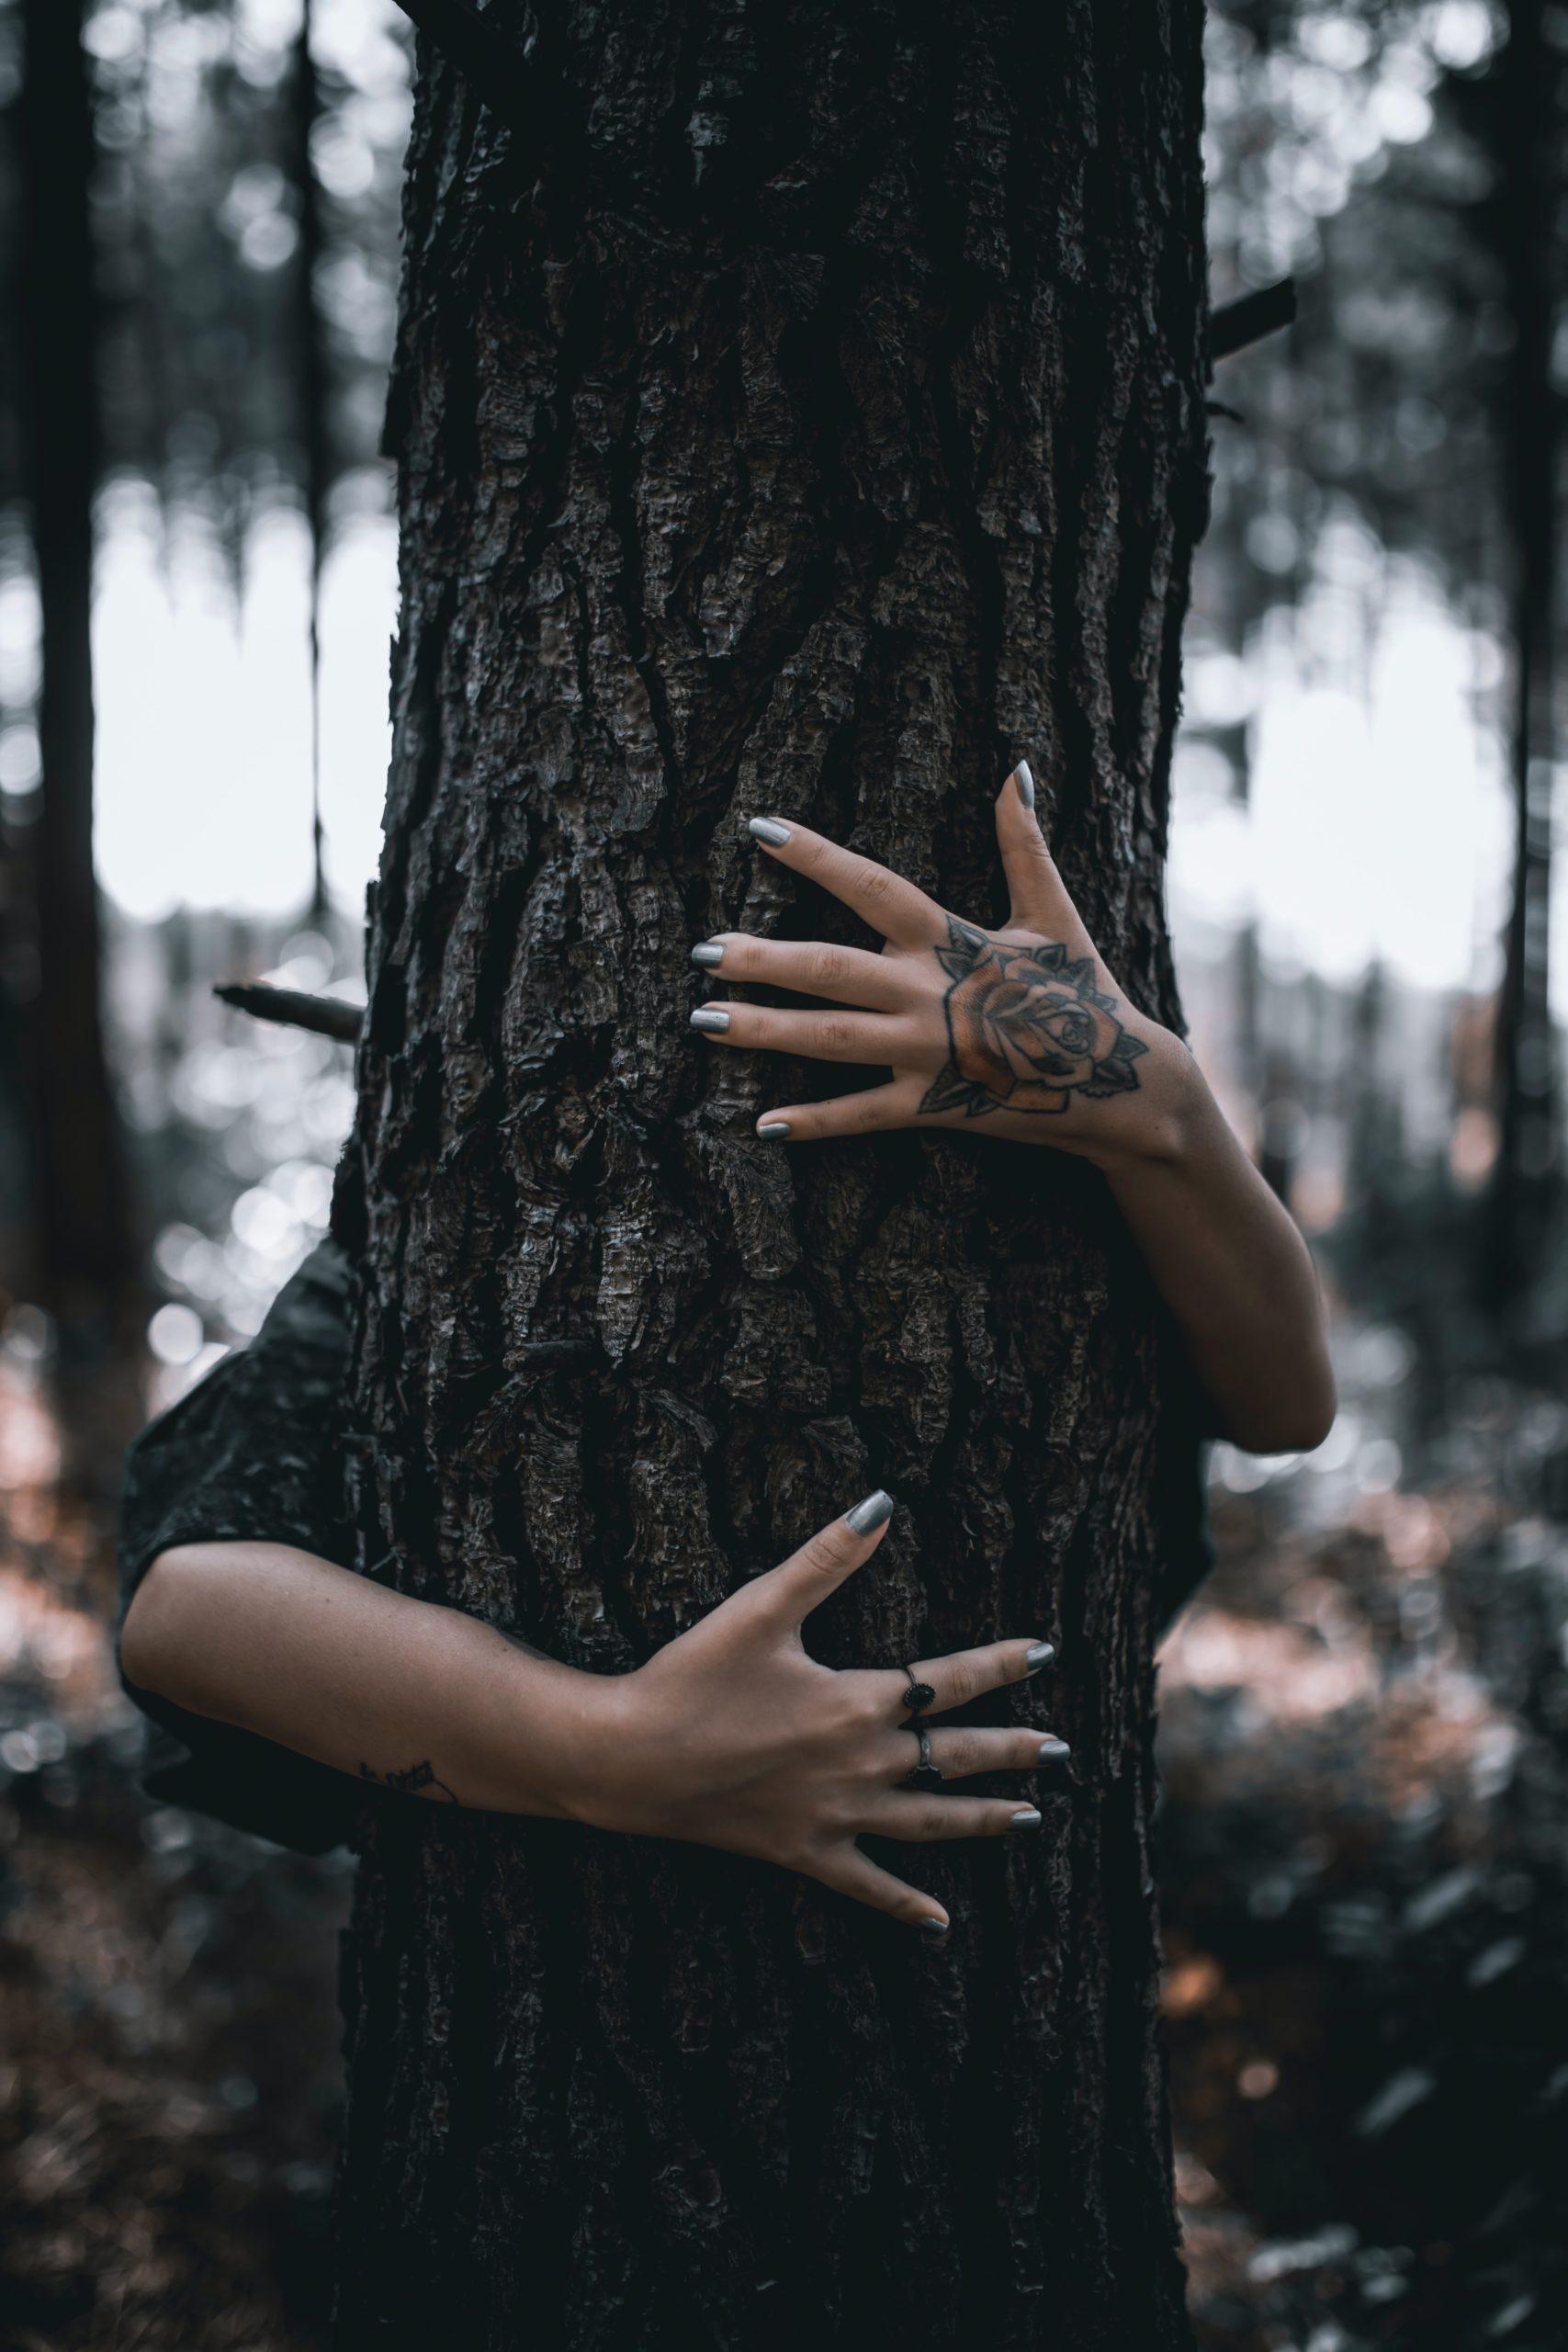 Faites des calins aux arbres ça fait du bien ! Cette pratique fait partie de la sylvothérapie.